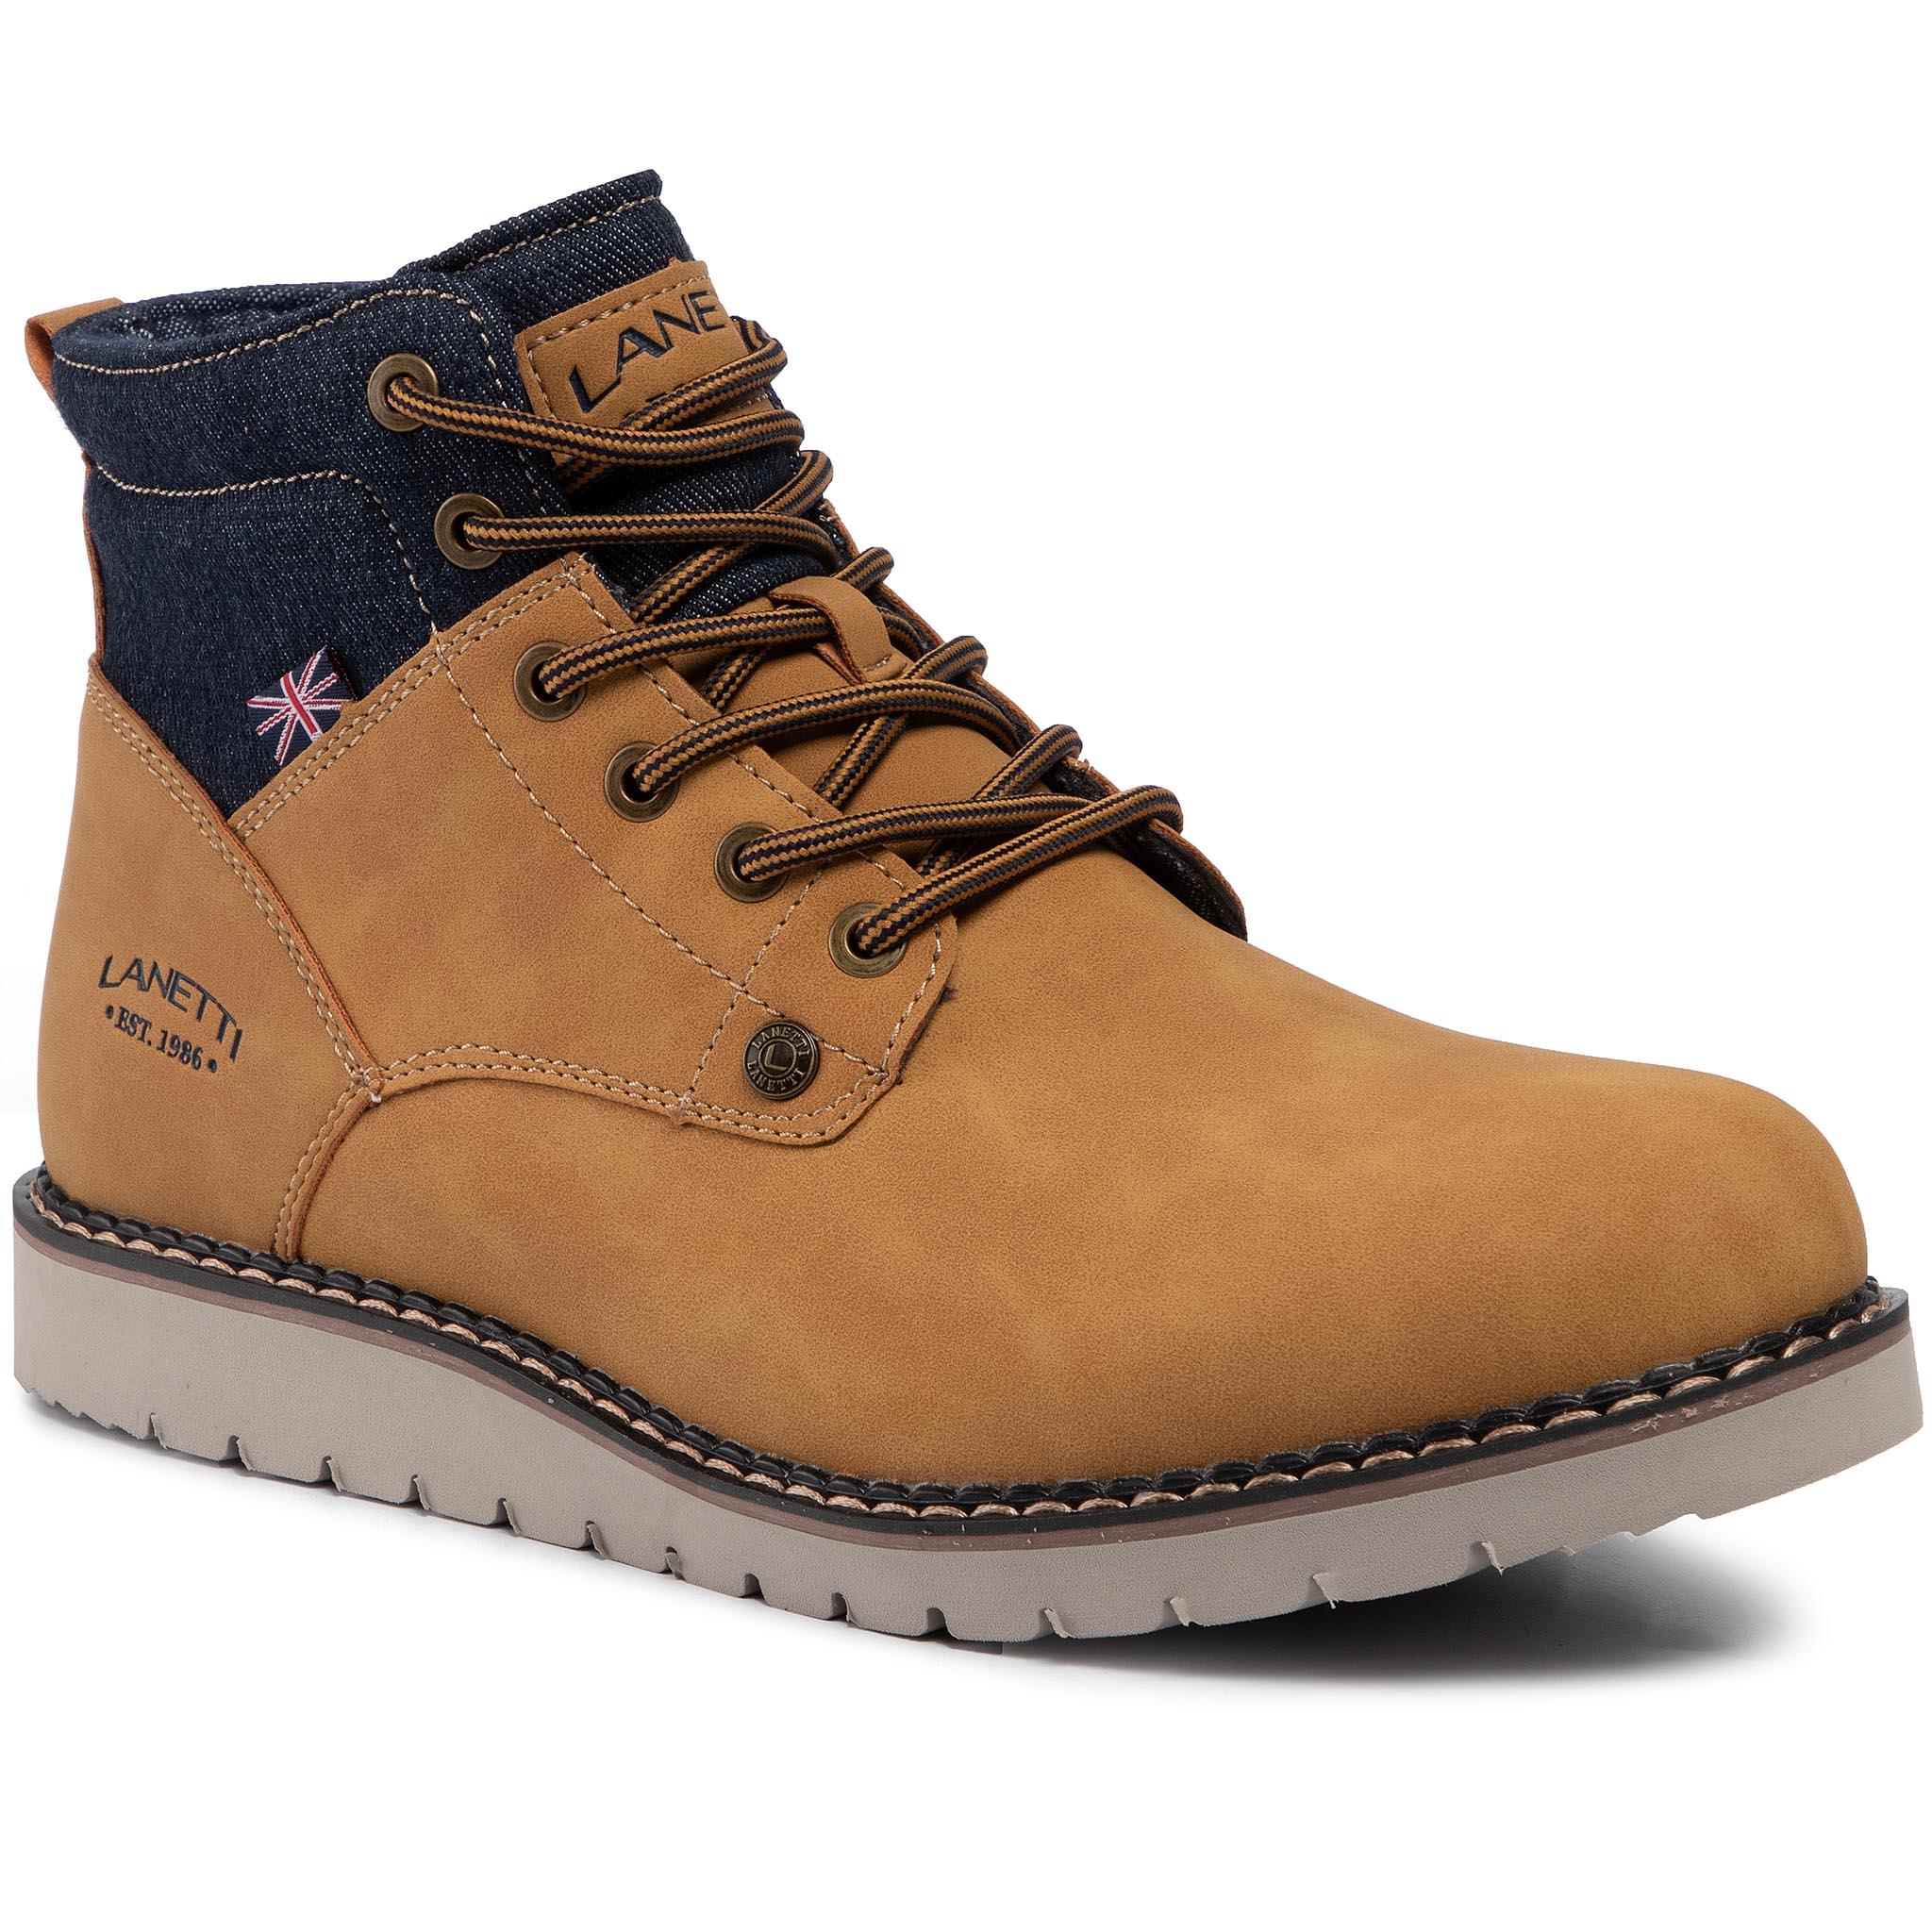 Stiefel RIEKER F4101 00 Schwarz Stiefel Stiefel und